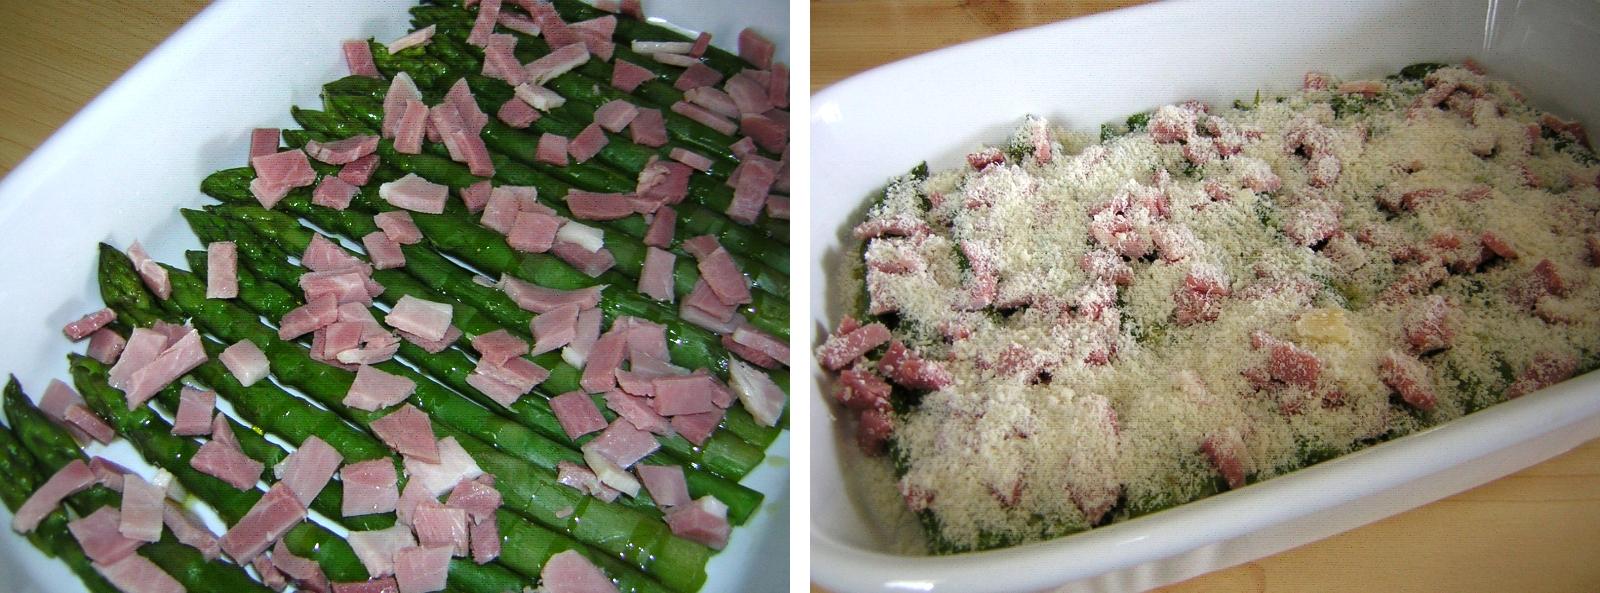 preparazione degli asparagi gratinati